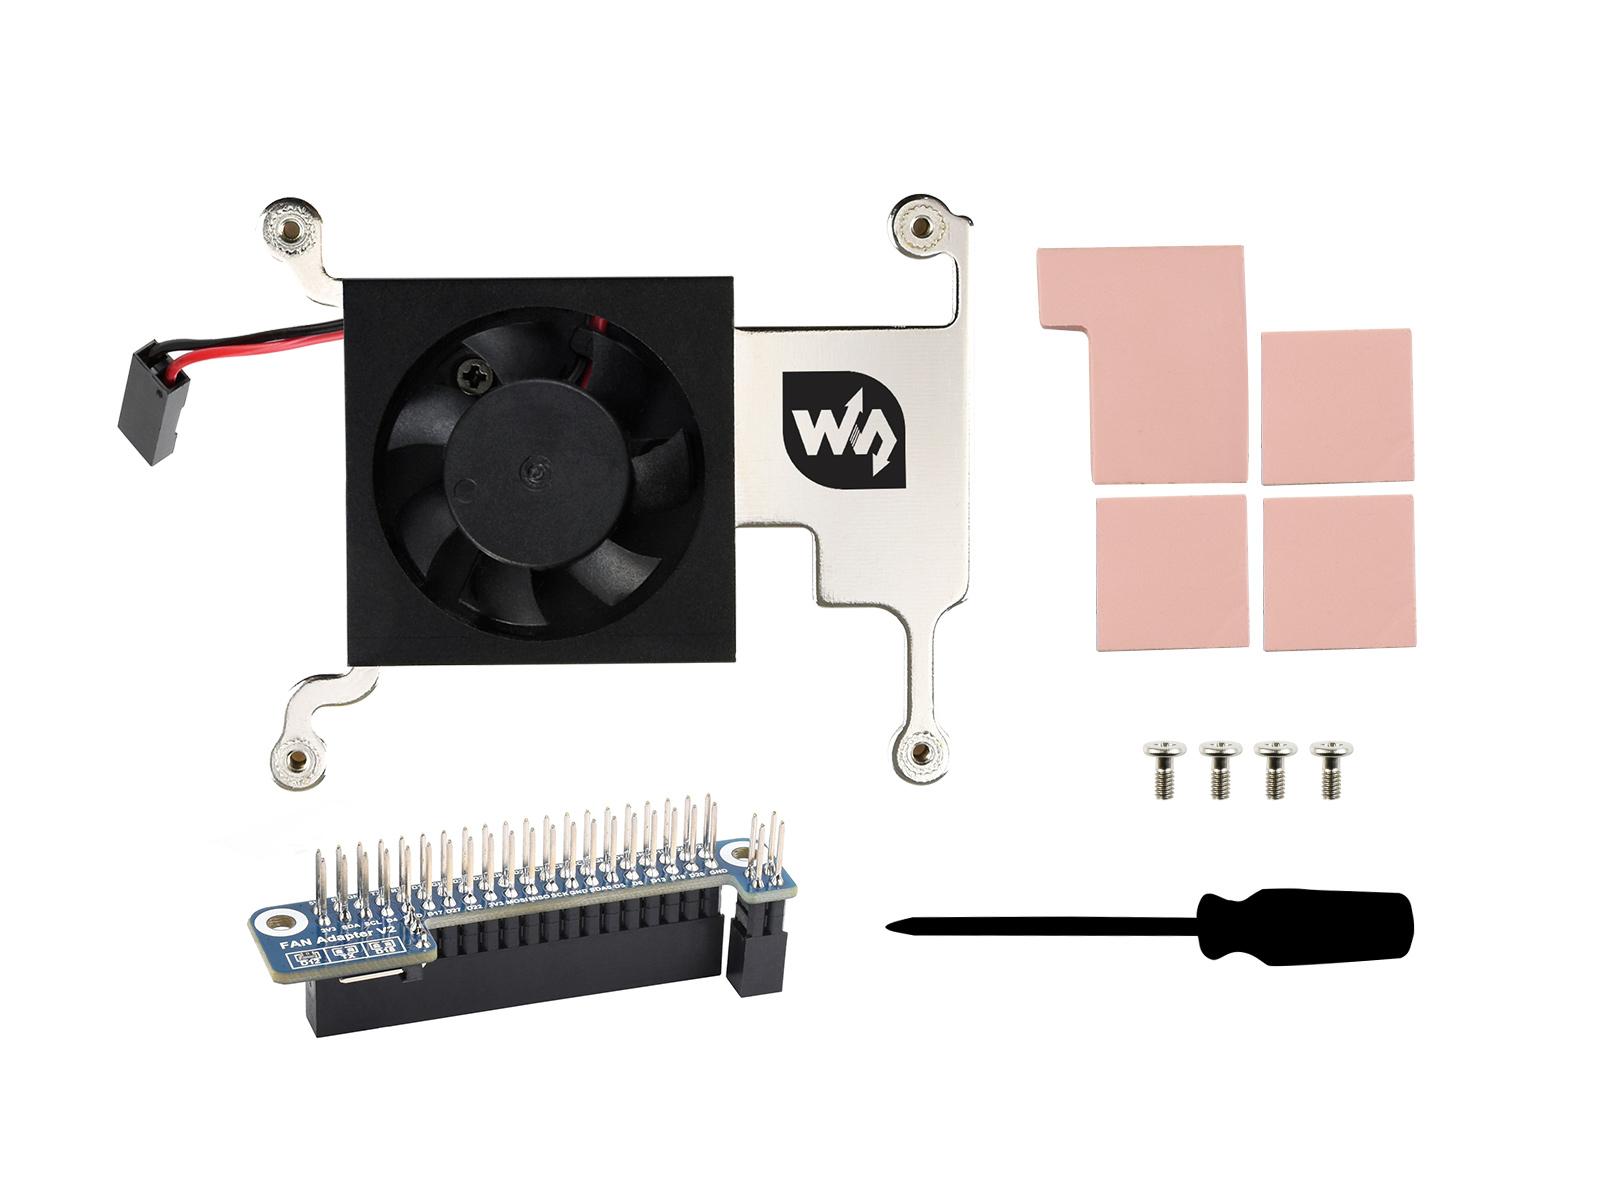 树莓派CPU散热风扇 树莓派4/3B+/3B适用 带GPIO接口转接板